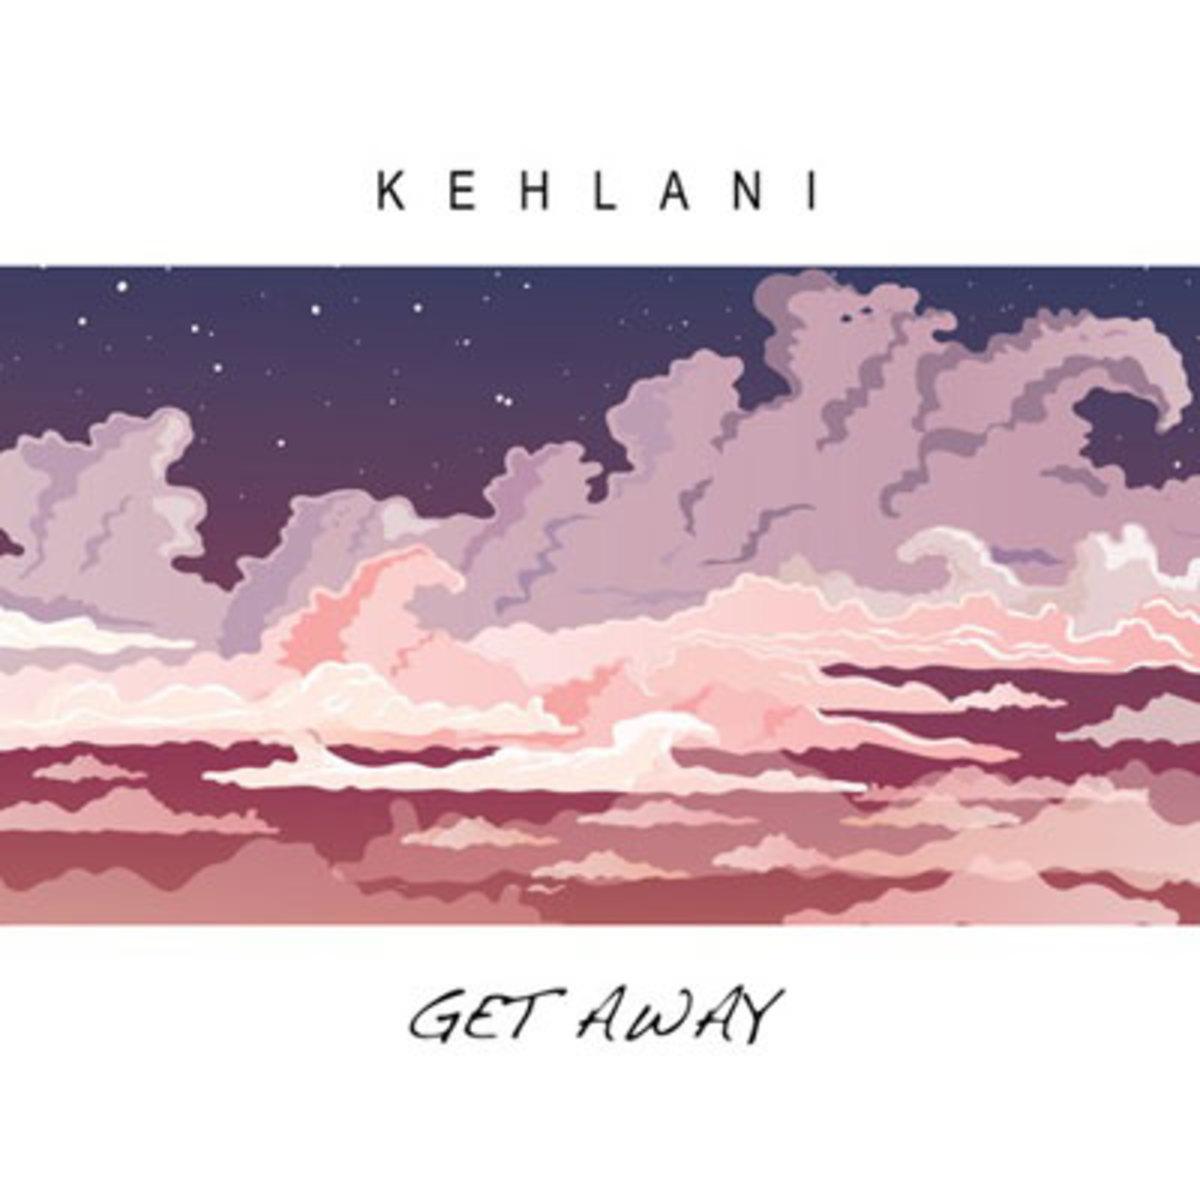 kehlani-getaway.jpg